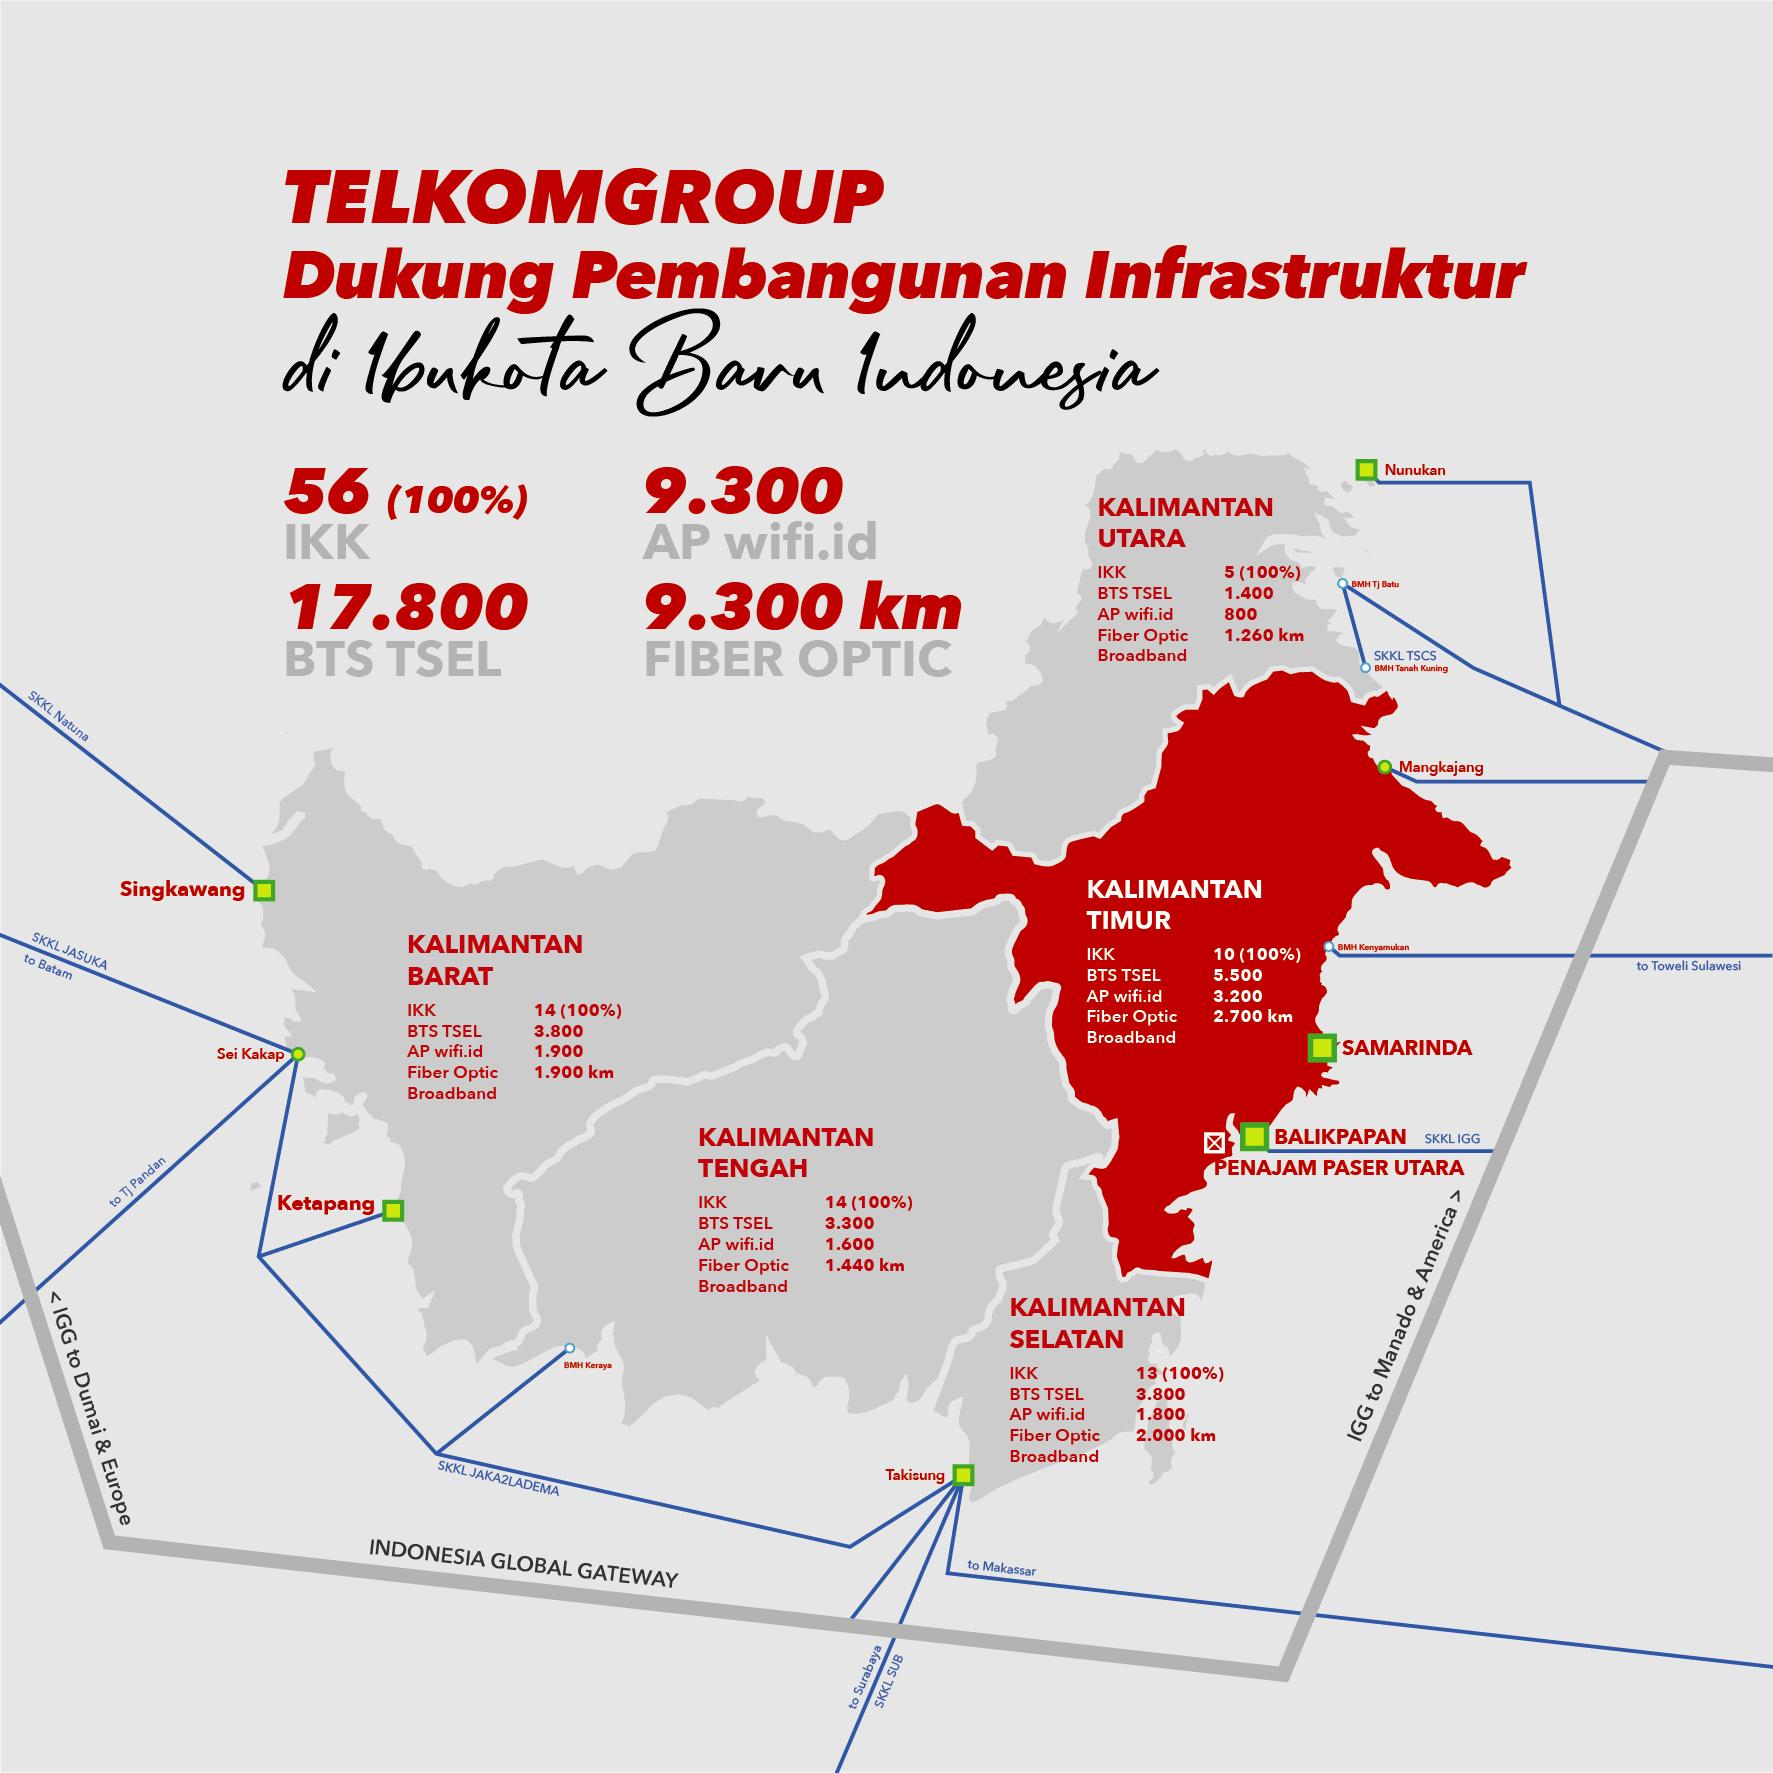 Infografis dukungan TelkomGroup terhadap pembangunan infrastruktur di Ibukota baru Indonesia di Kalimantan Timur. (Foto: Telkom/NUSANTARANEWS.CO)